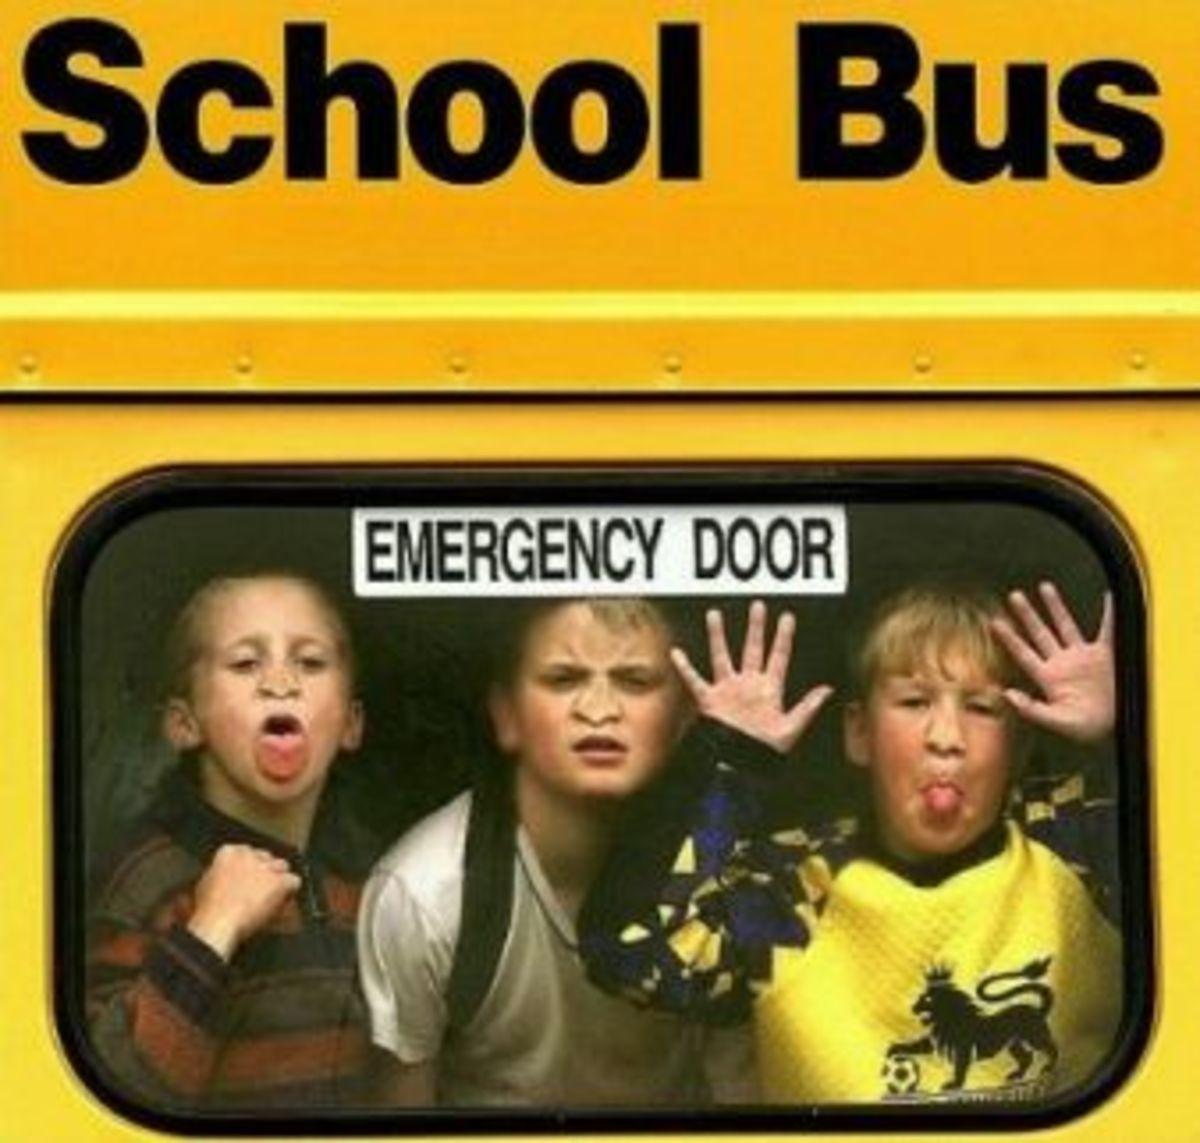 school bus-funny faces